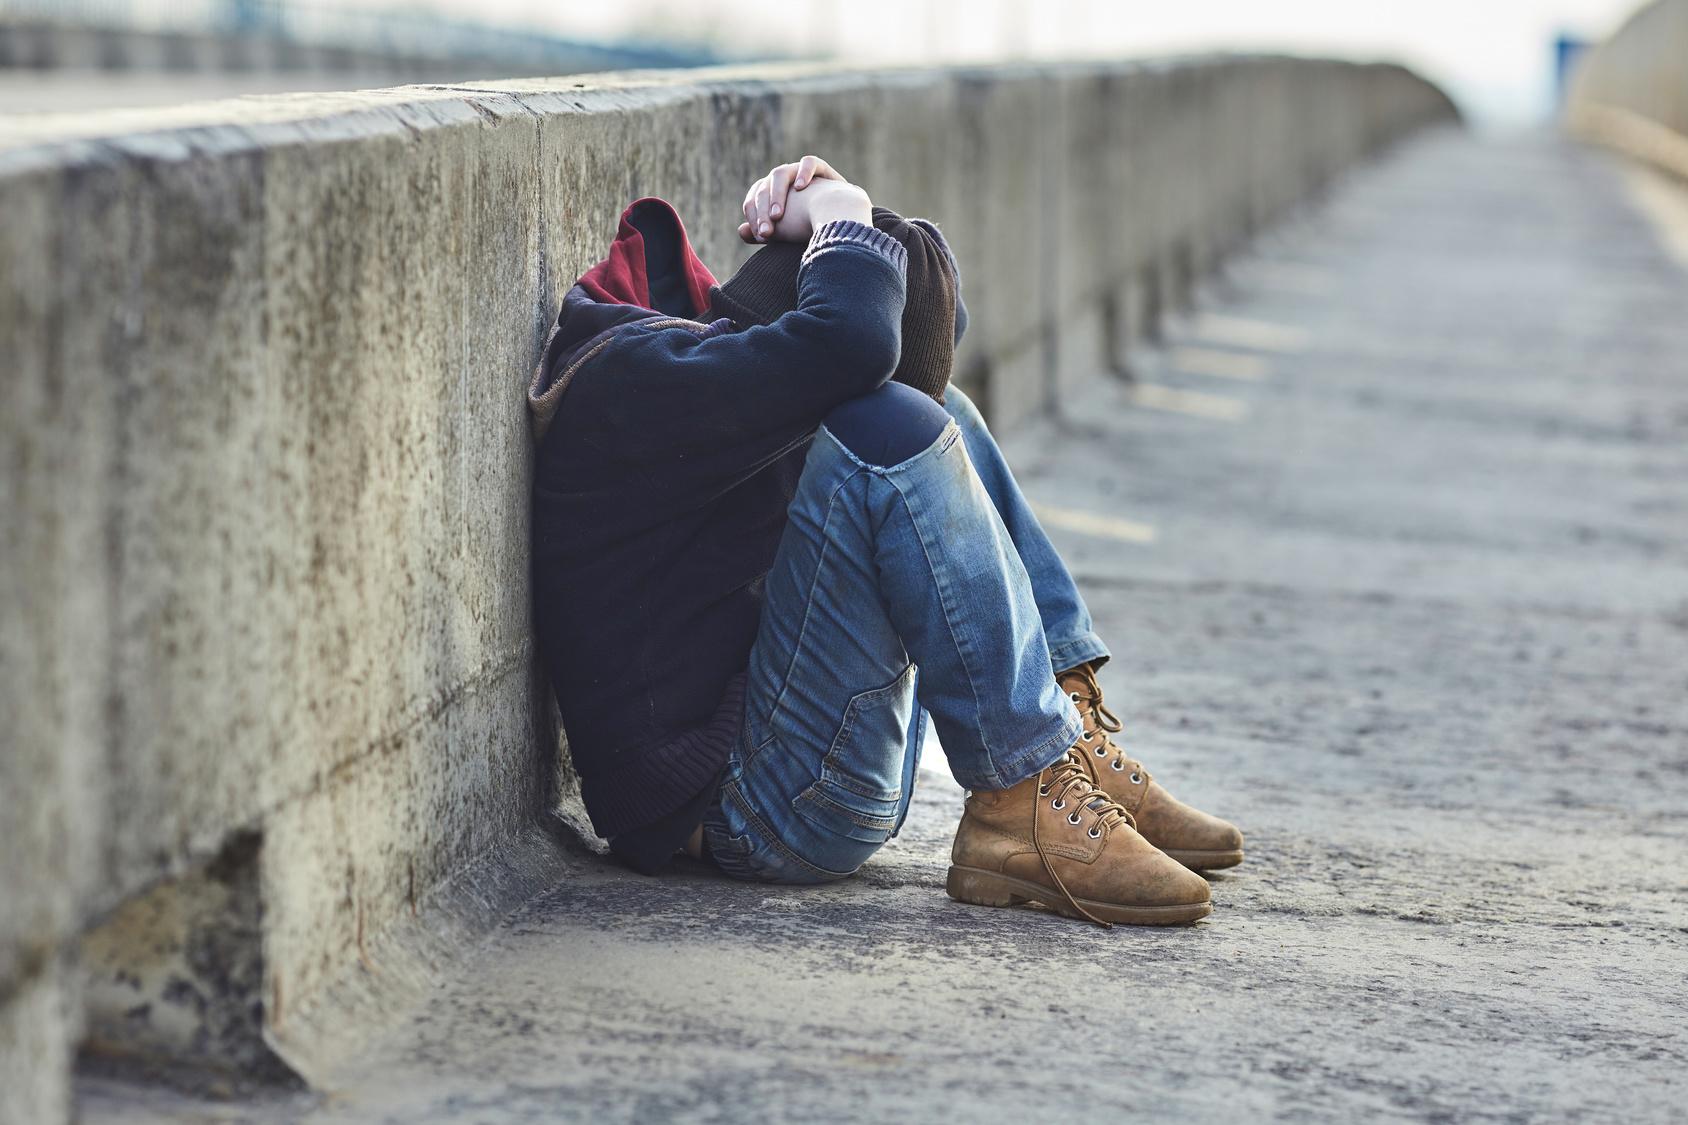 Mutter eines zu Tode gemobbten Jungen schreibt offenen Brief und warnt andere Eltern